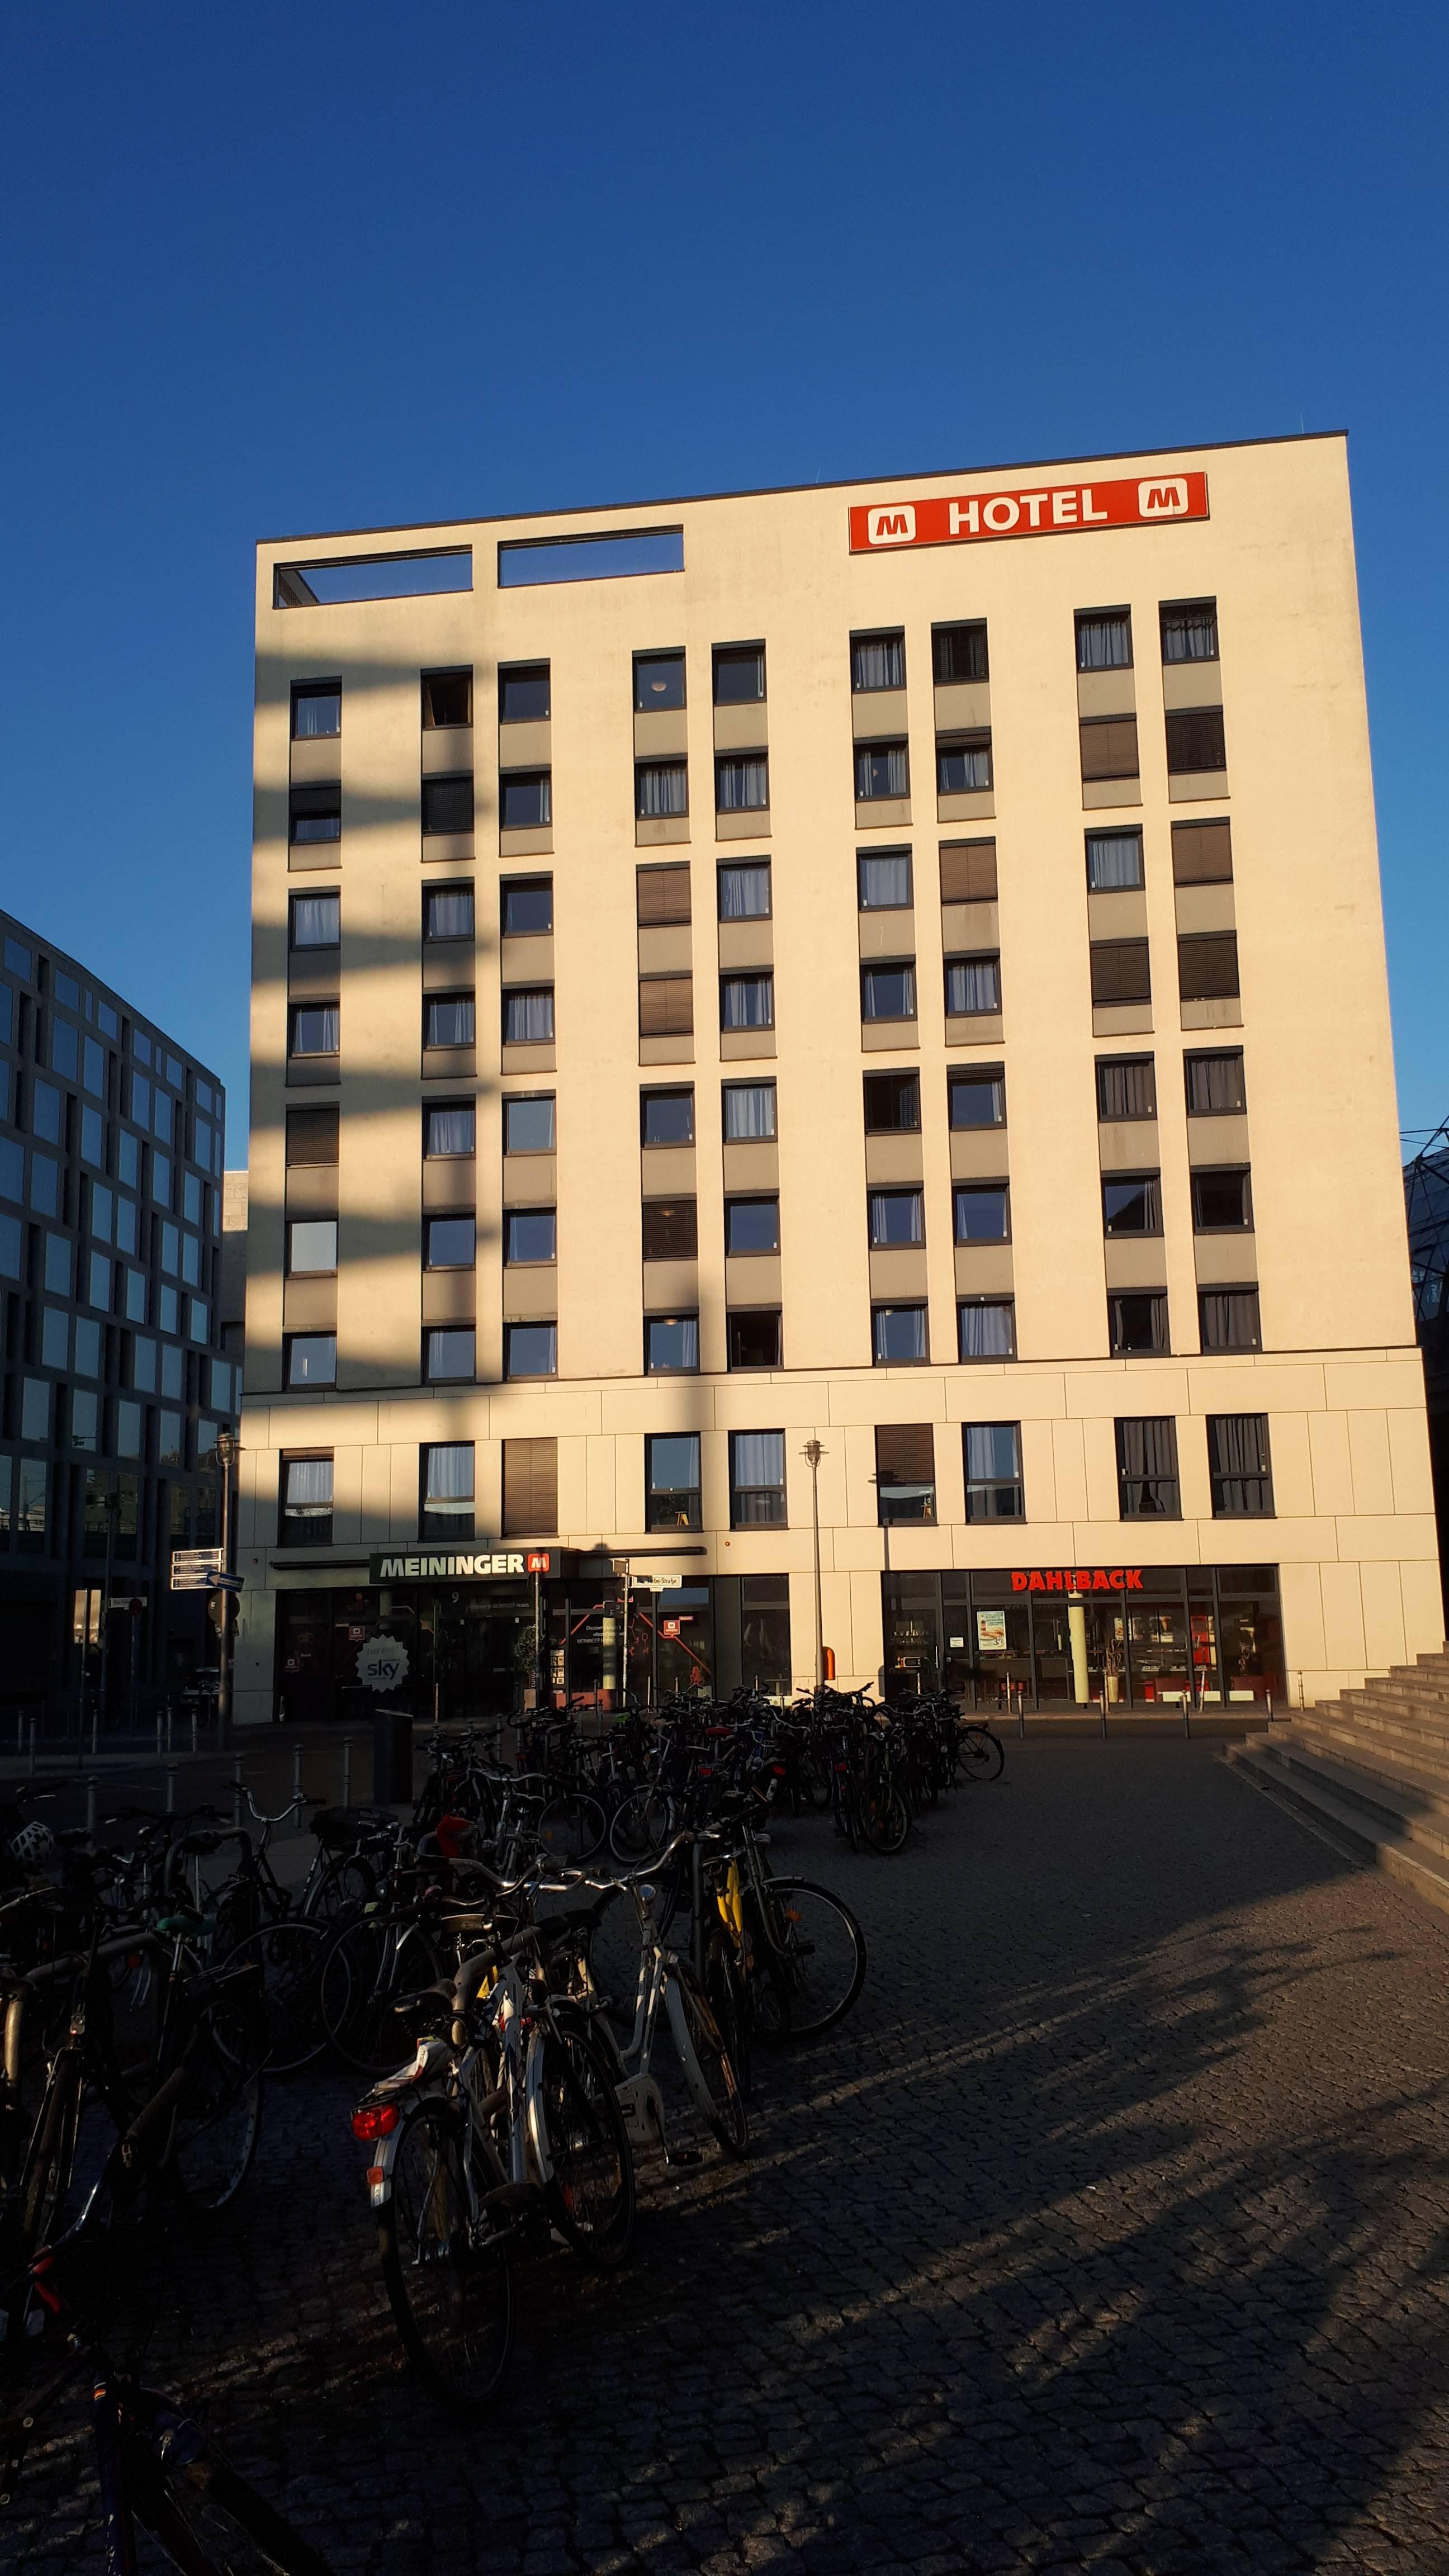 Meininger Hotel Berlin Hauptbahnhof 10557 Berlin Moabit Adresse